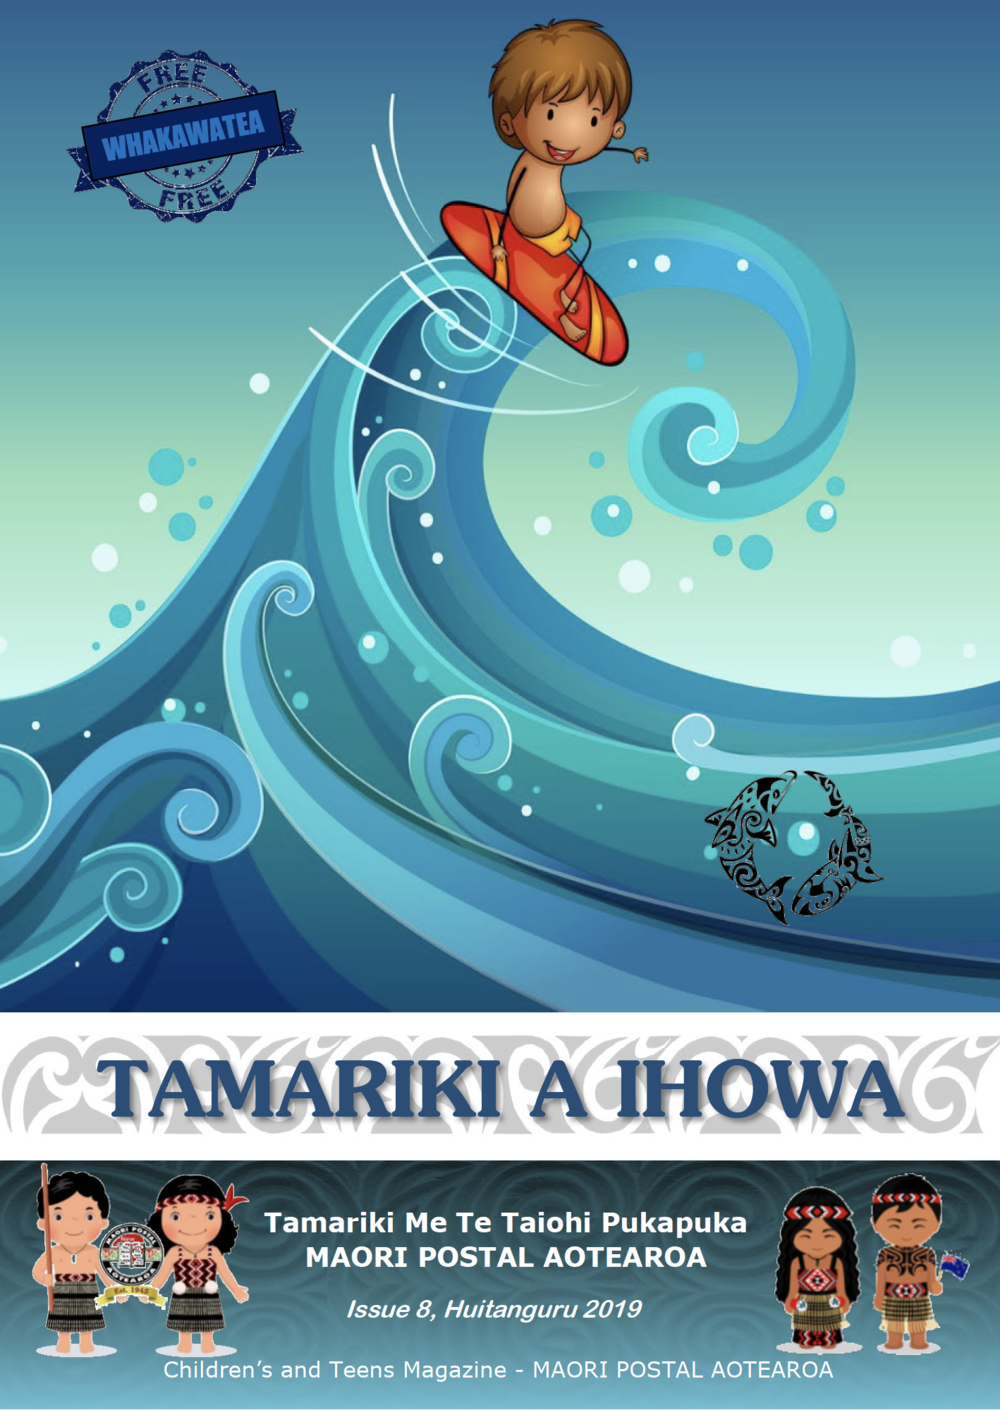 Tamariki A Ihowa  Issue Feb 2019